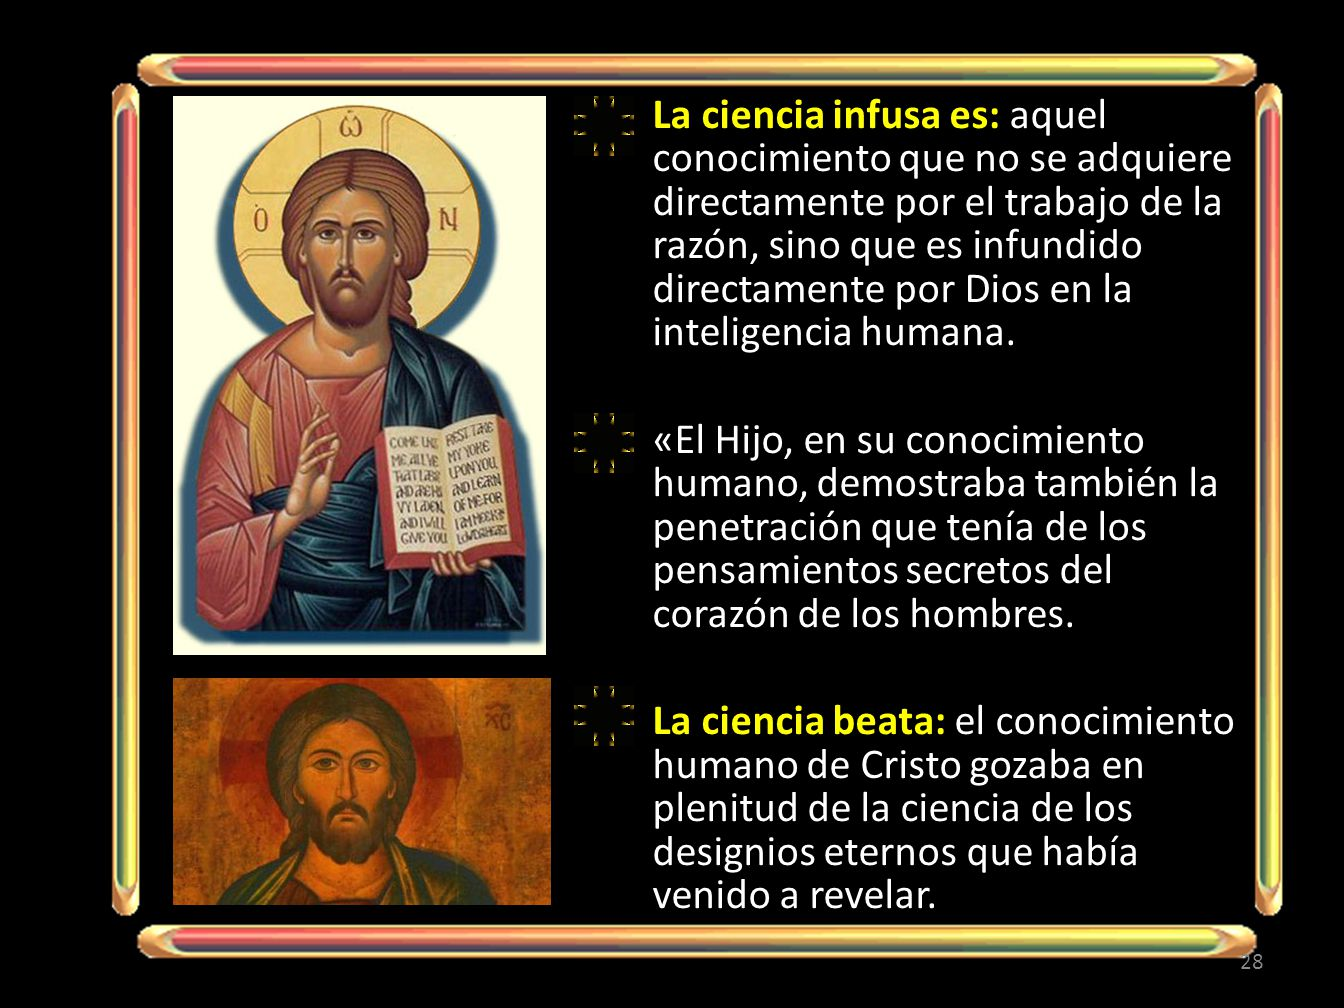 La ciencia infusa es: aquel conocimiento que no se adquiere directamente por el trabajo de la razón, sino que es infundido directamente por Dios en la inteligencia humana.